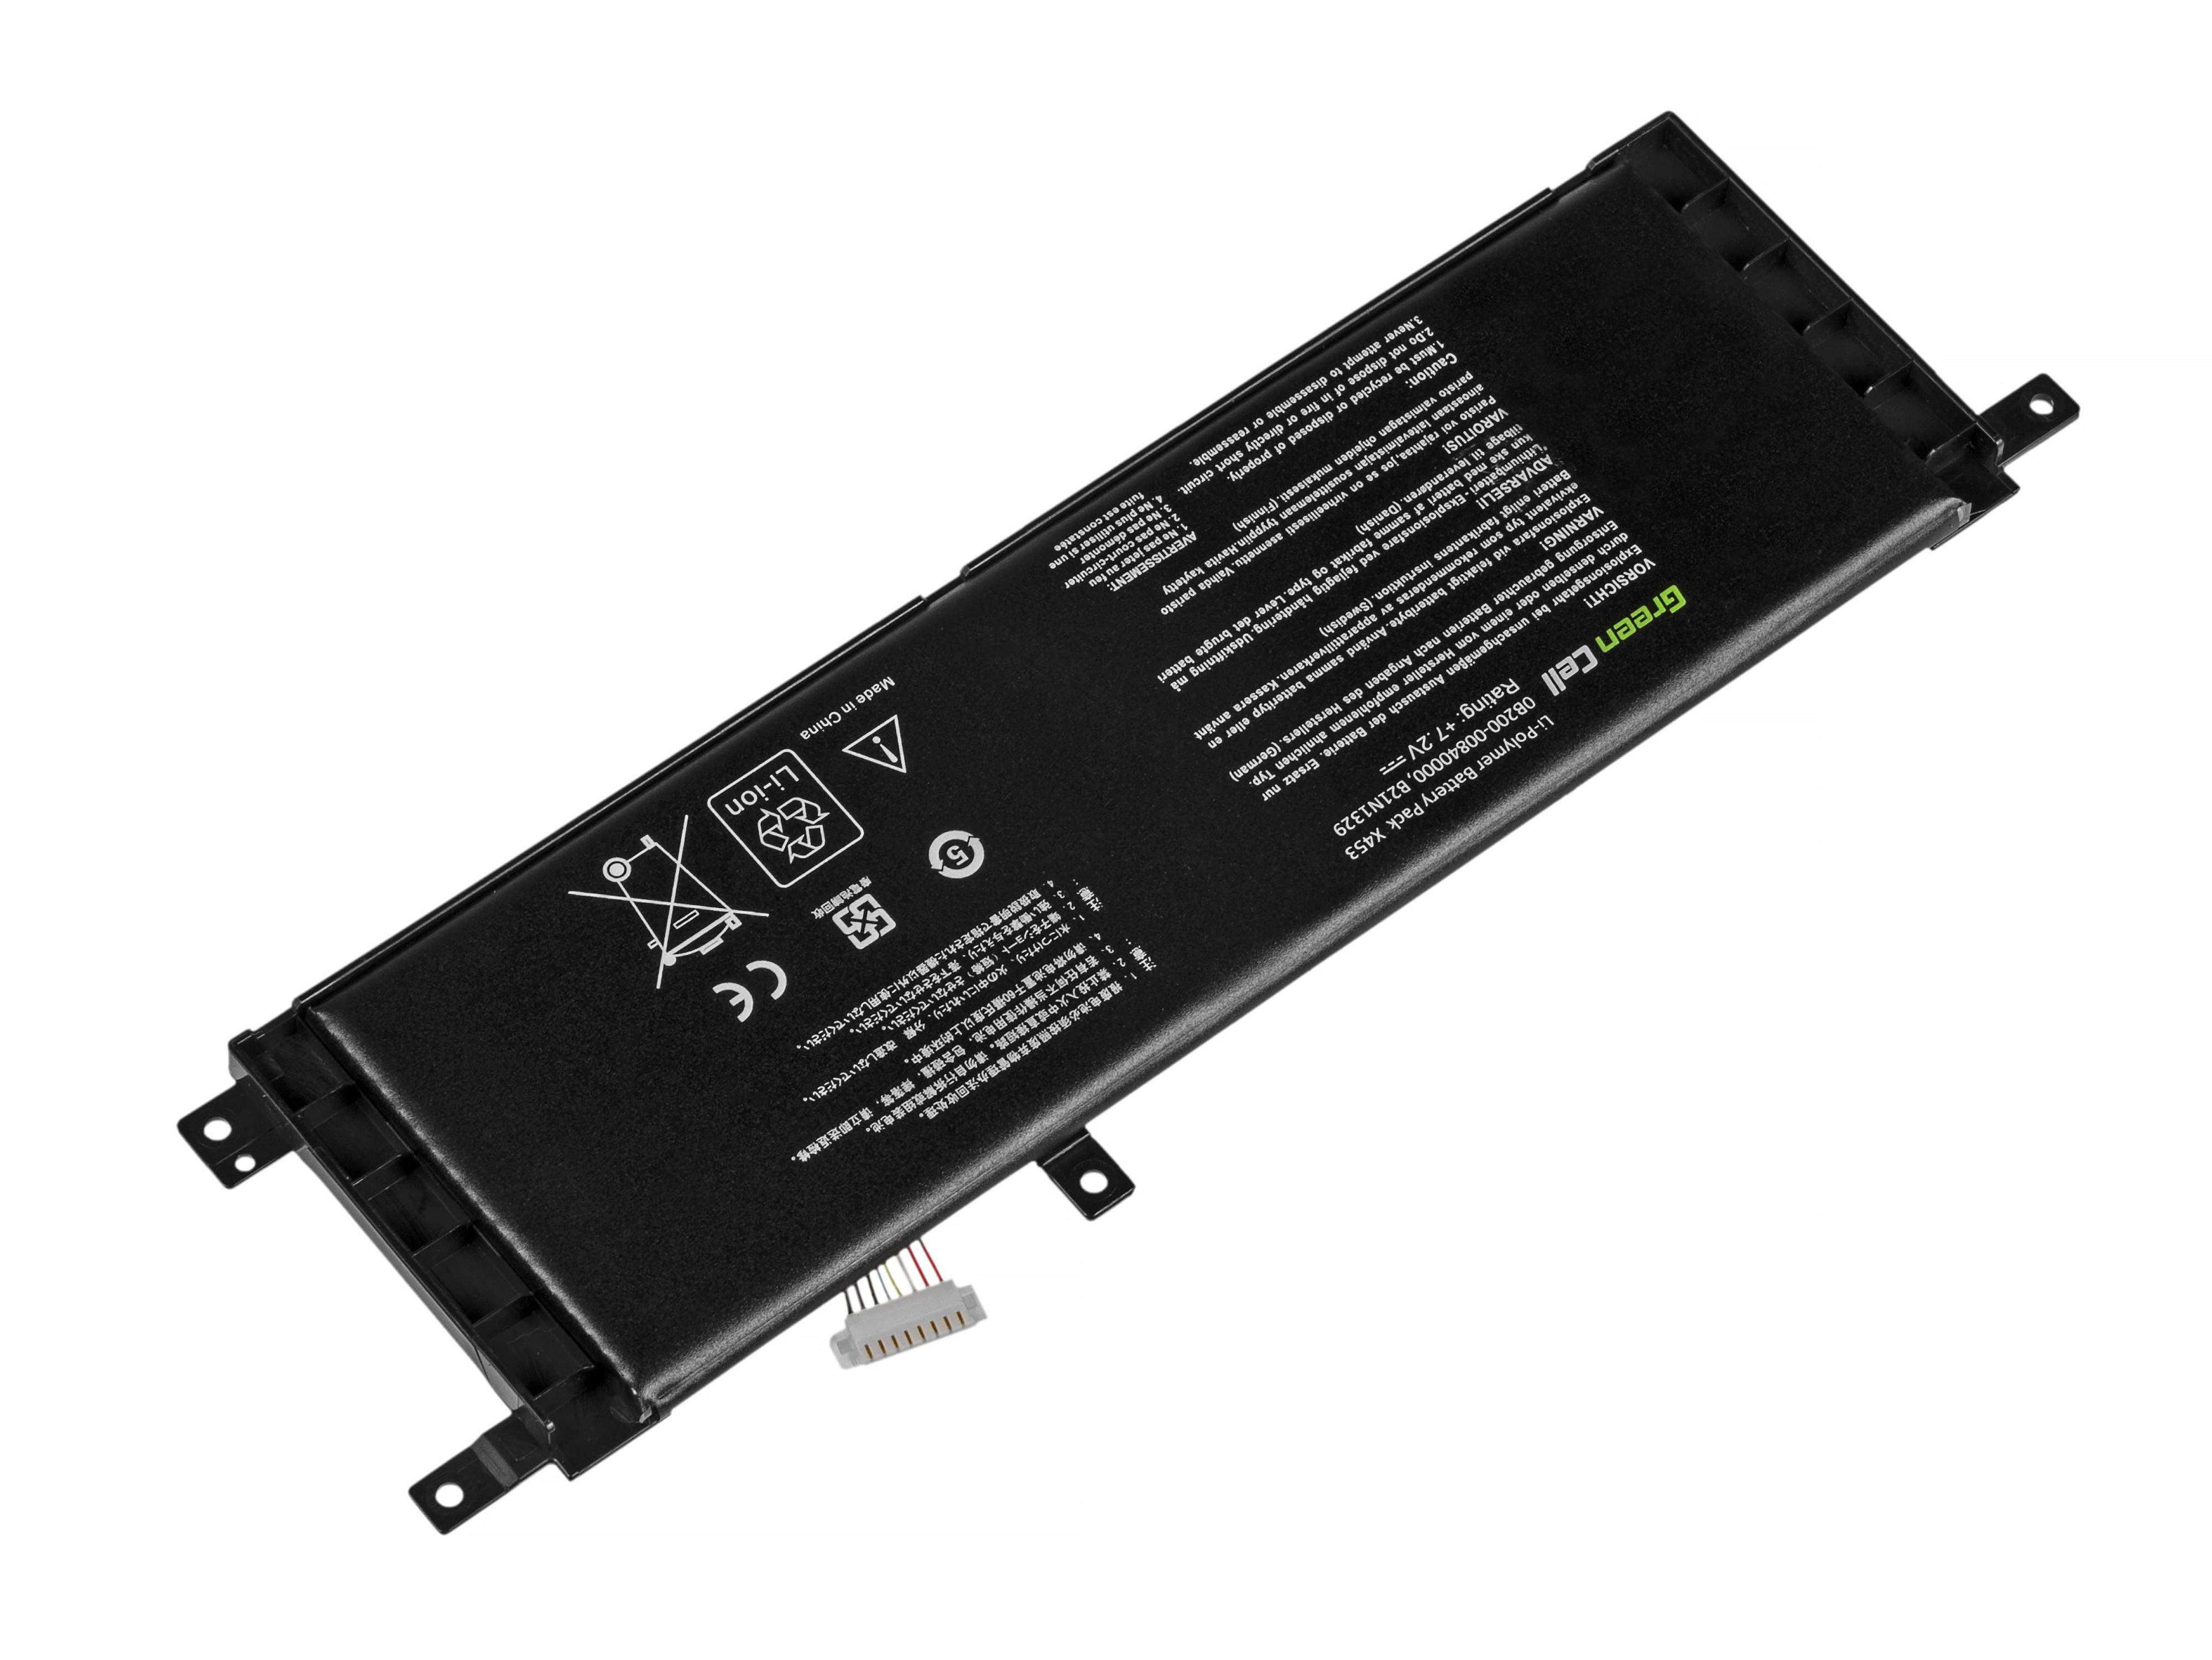 Green Cell AS80 Baterie Asus X553 X553M X553MA F553 F553M F553MA 3800mAh Li-Pol – neoriginální